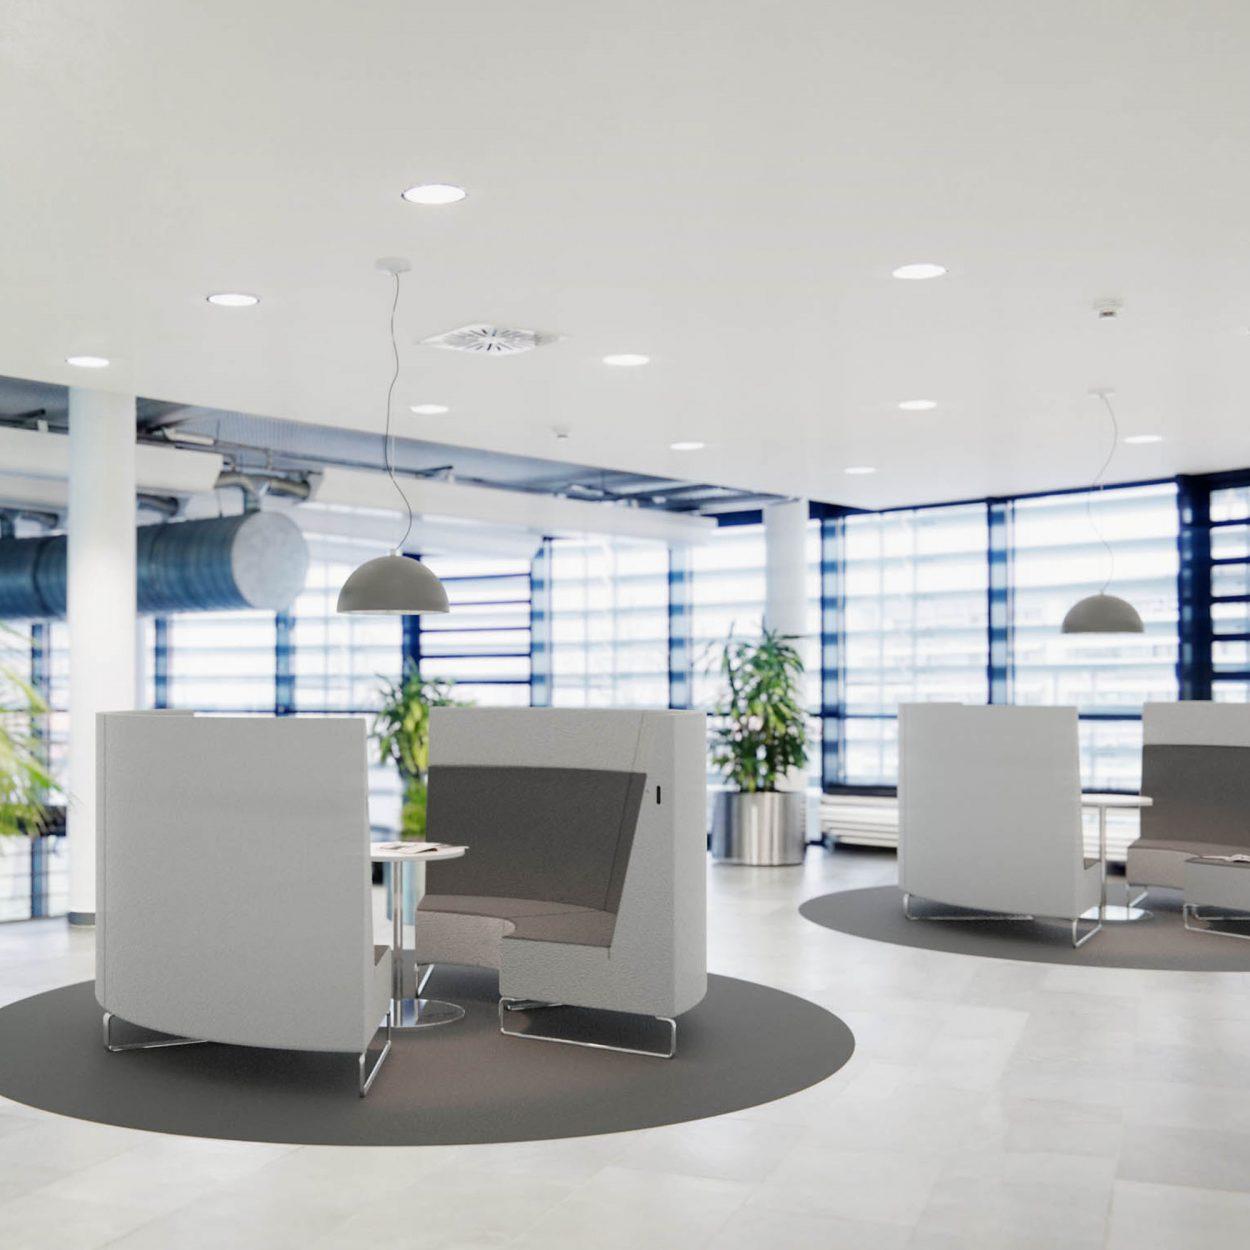 Für die ABB Automation GmbH gestaltete IRED funktionale Innenräume für Kunden und Mitarbeiter.